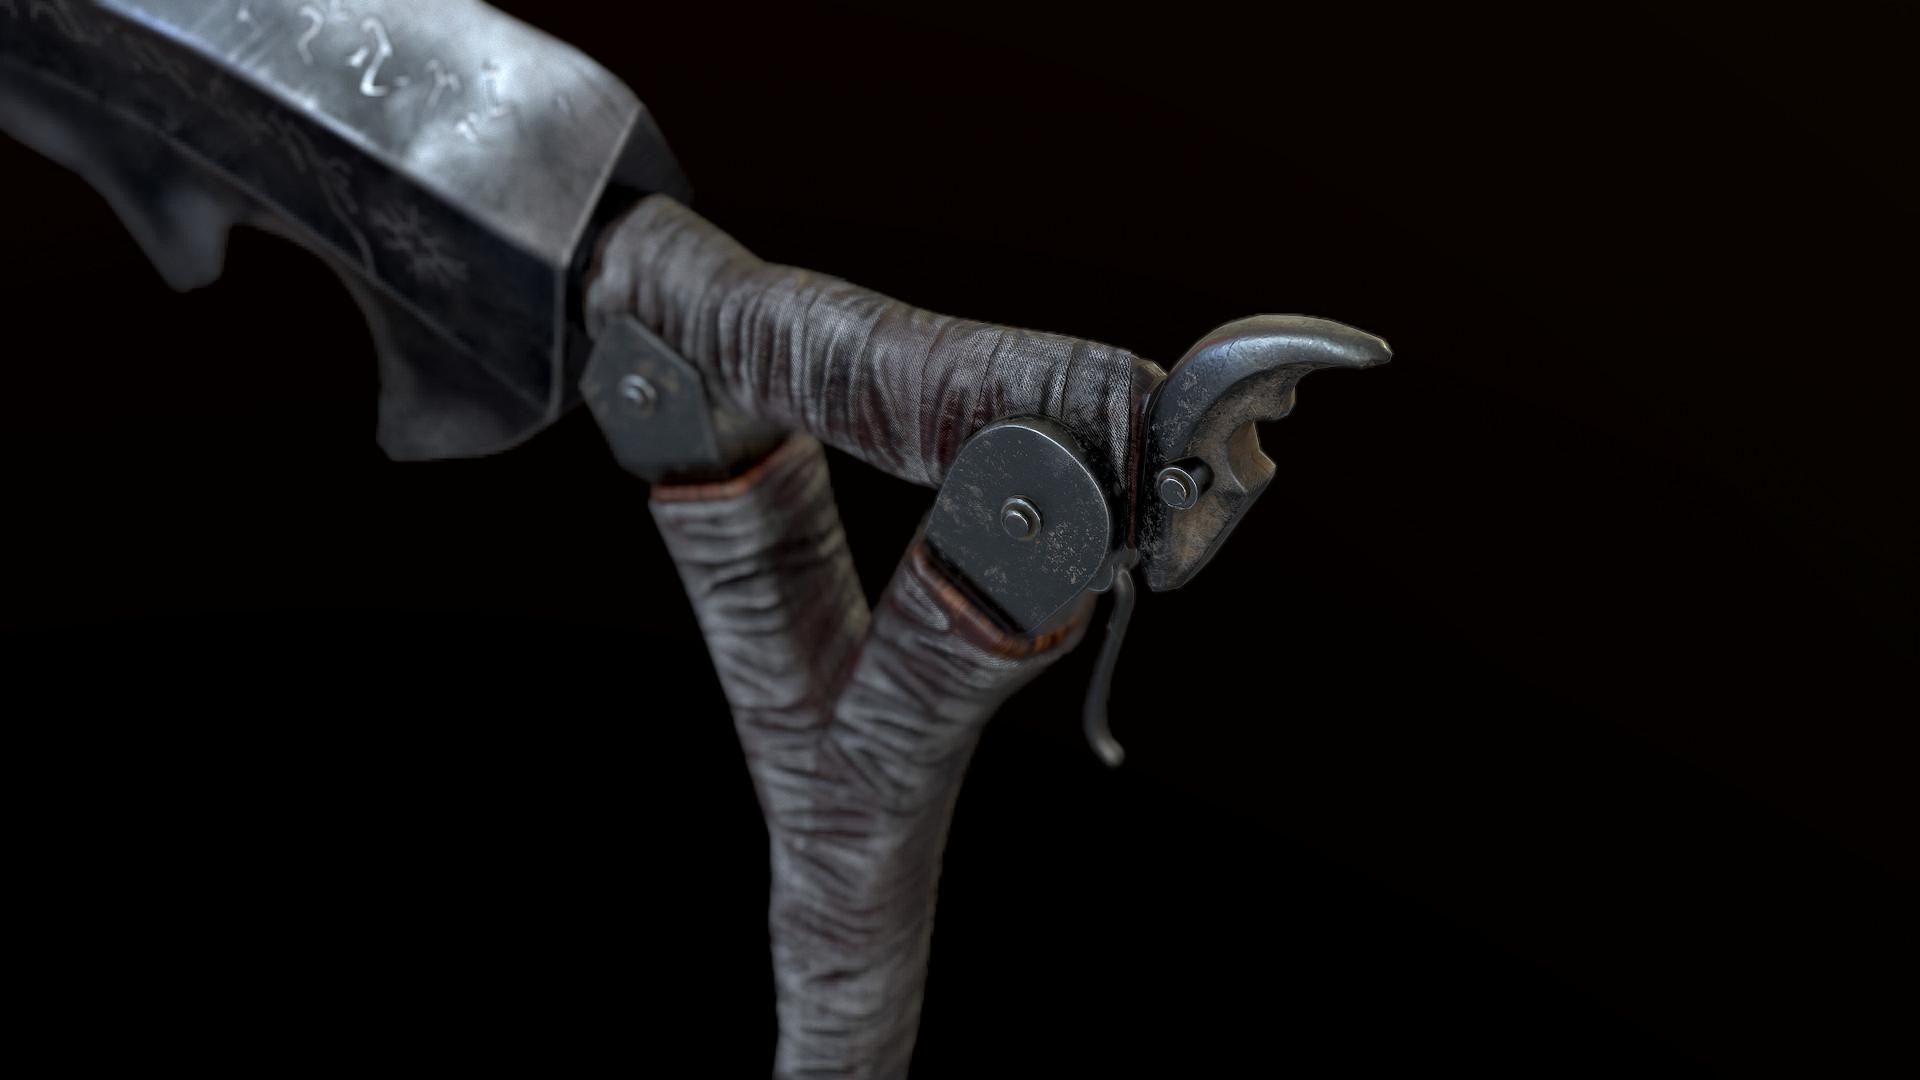 Volodymyr Zavezystup Bloodborne Burial Blade